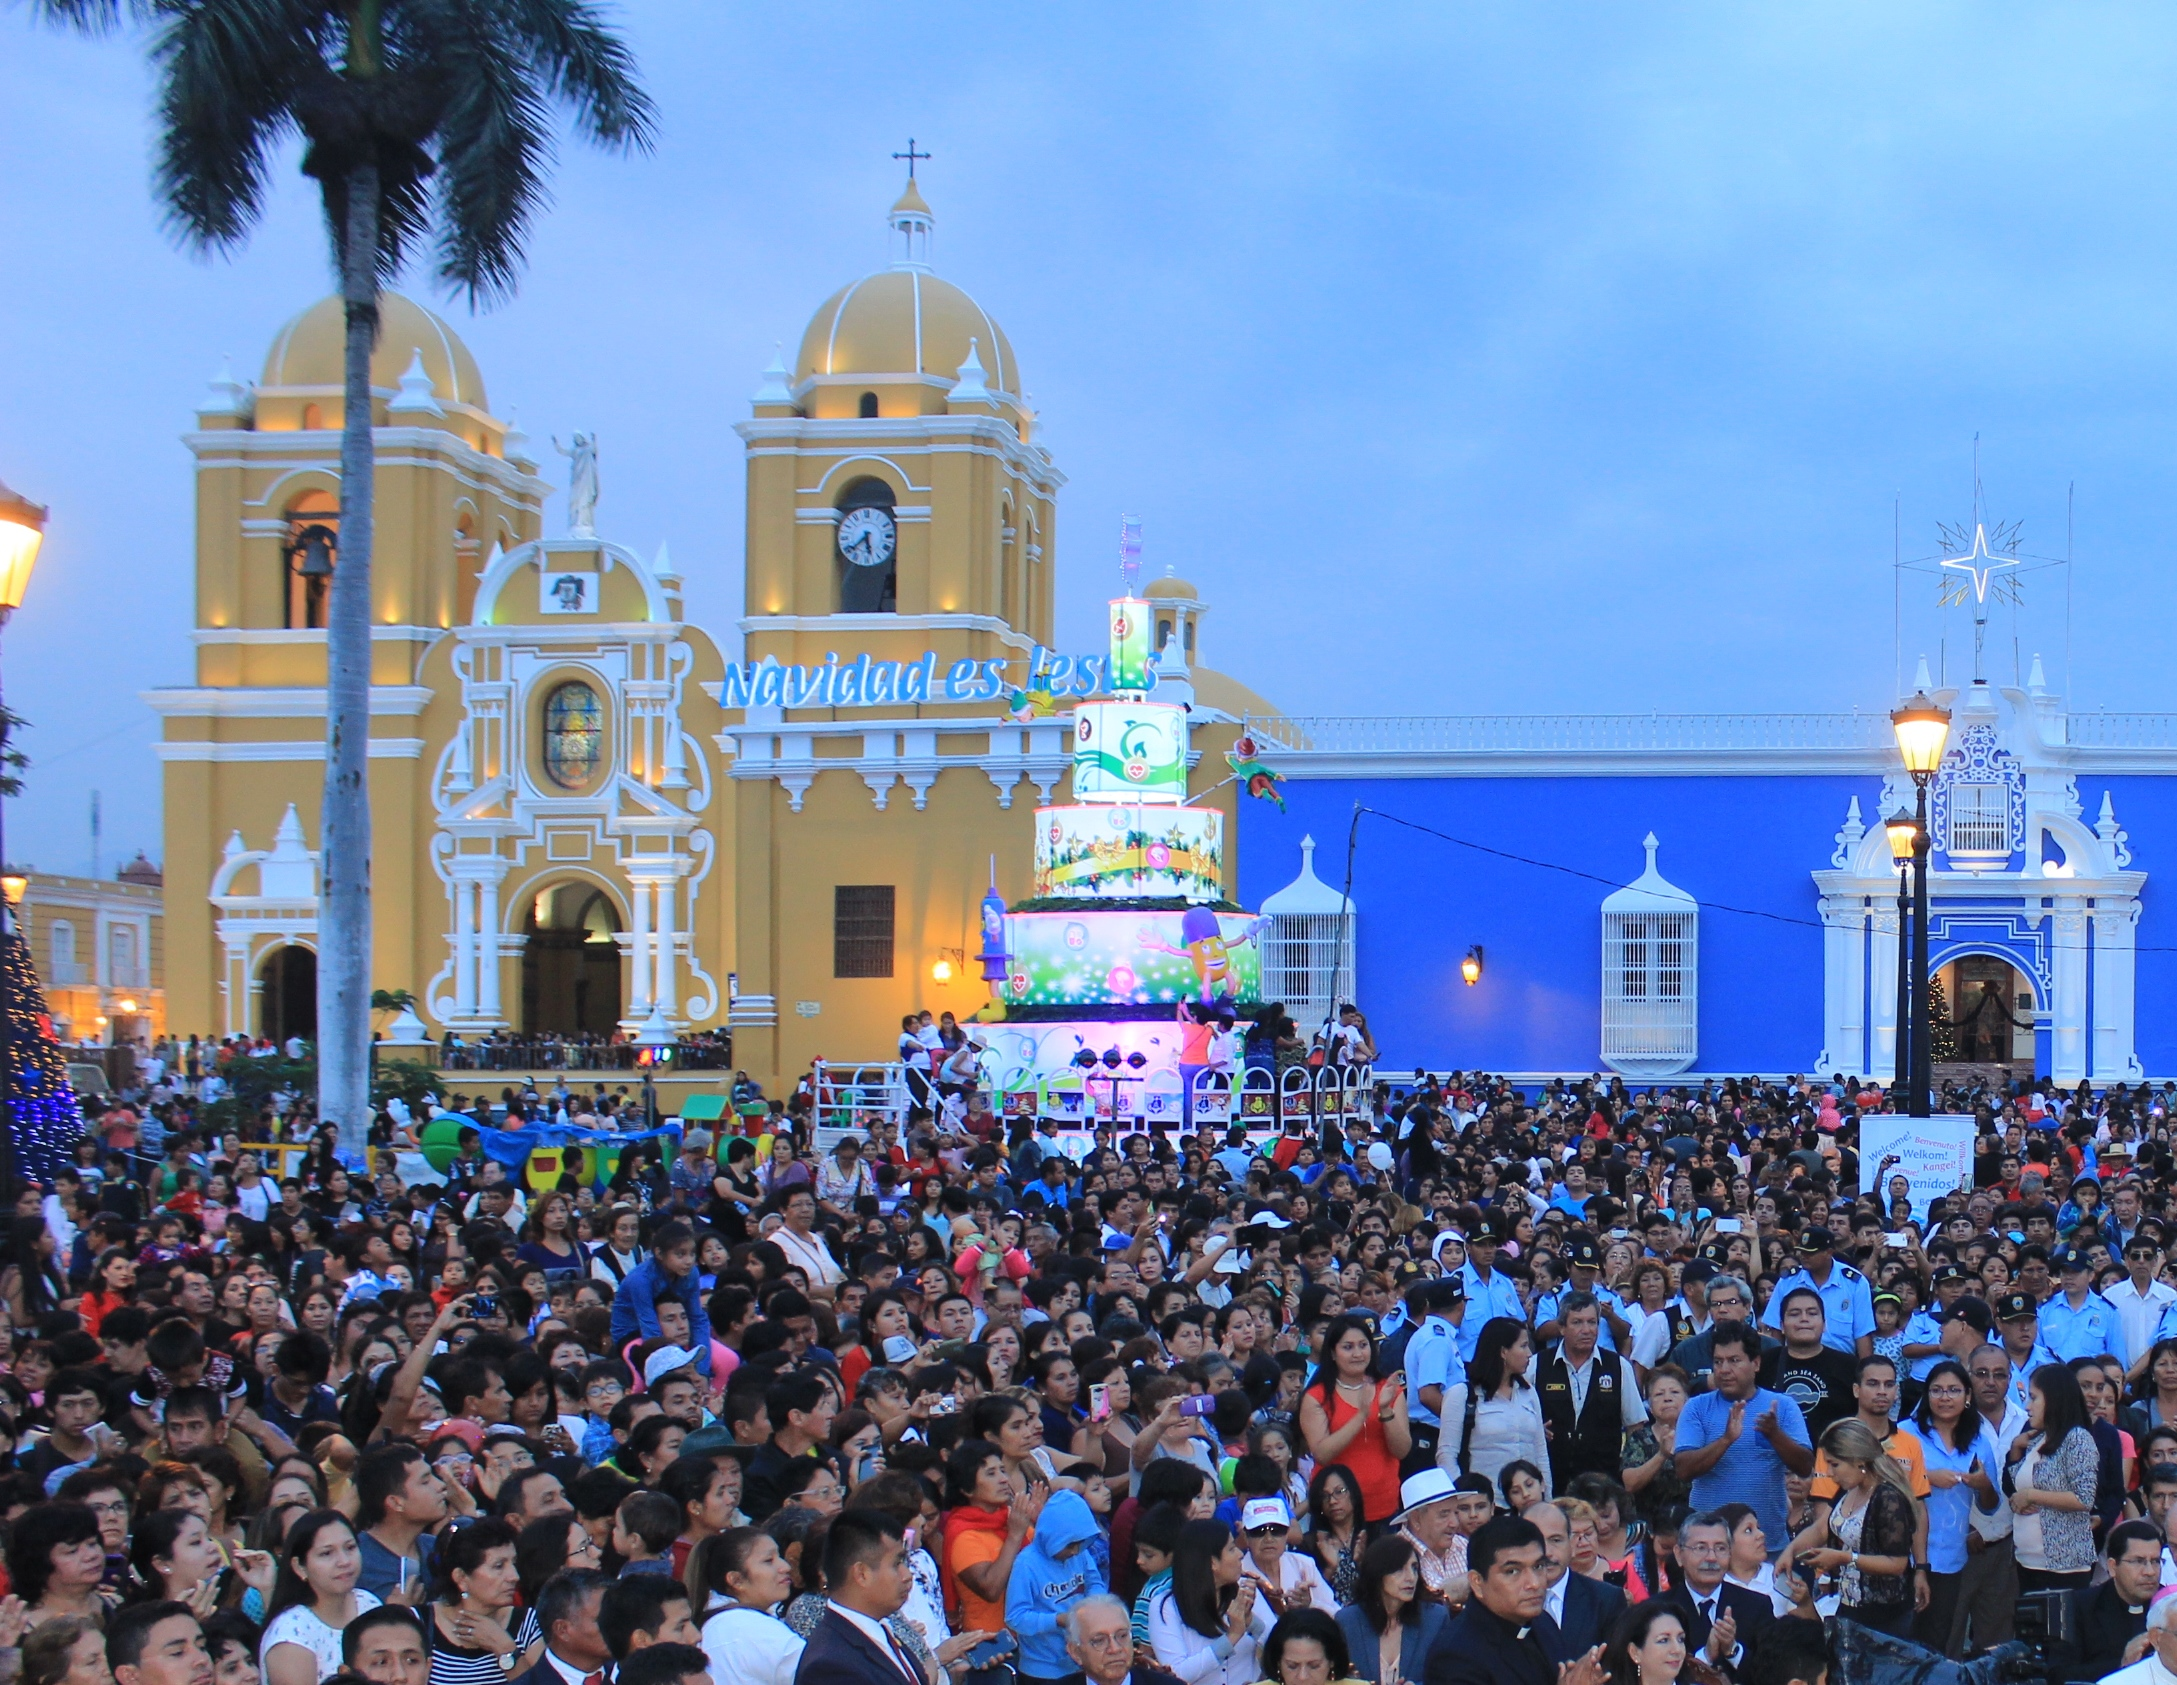 Festival Navideño de Luces y Colores retorna a la Plaza de Armas de Trujillo